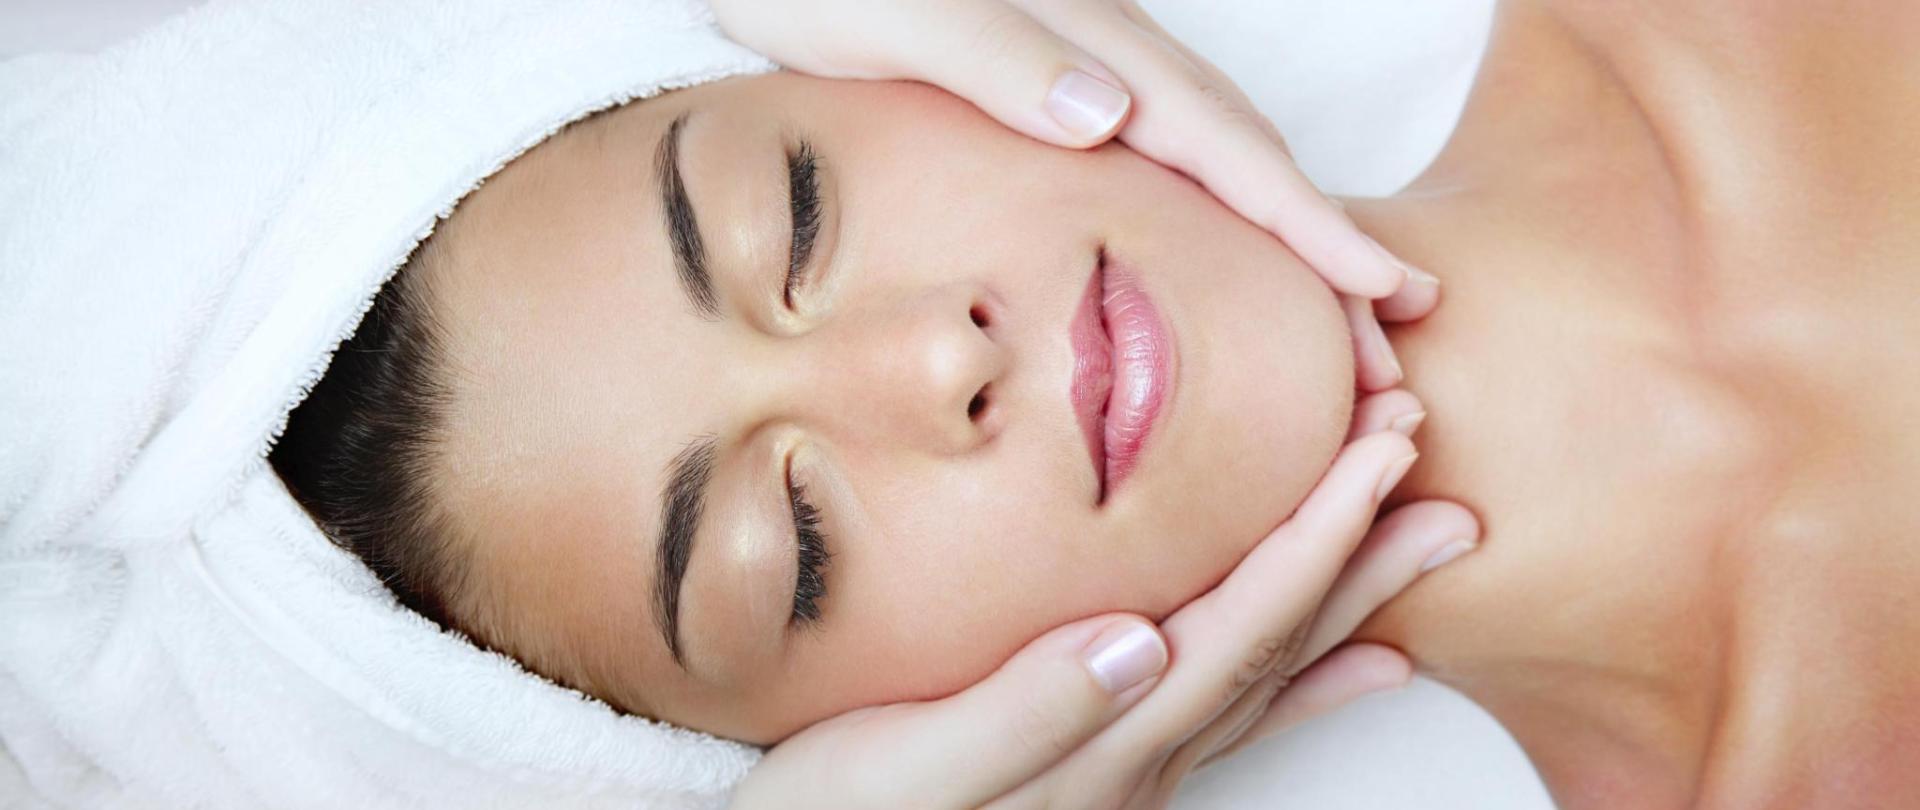 spa-gesichtsmassage-massage-entspannung-19to1.jpeg